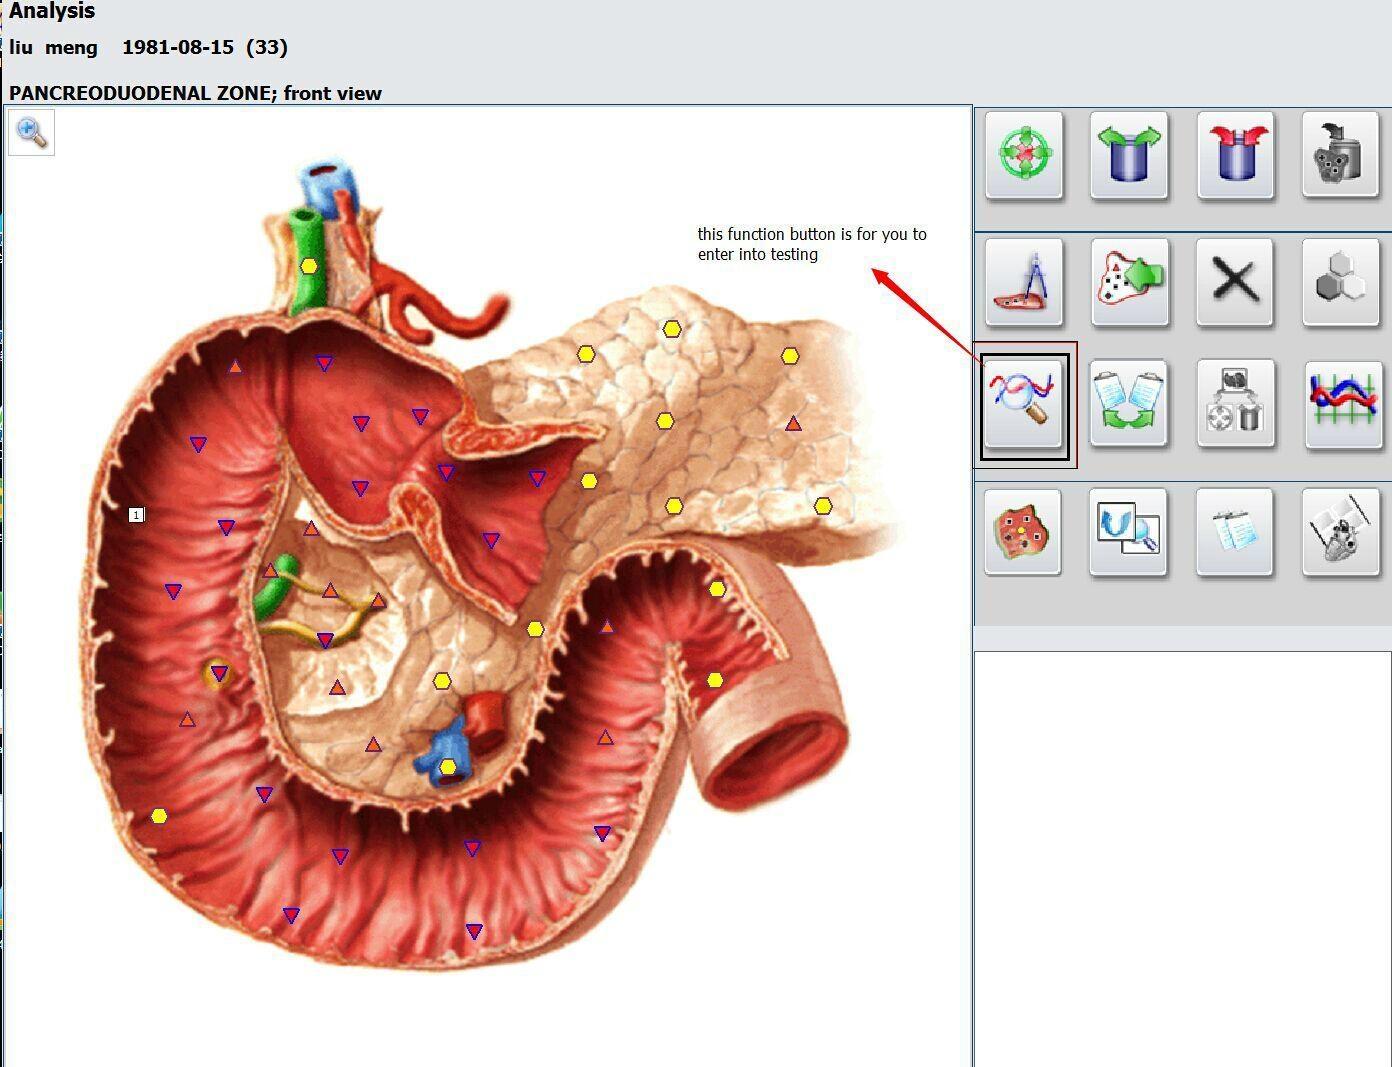 OEM/ OEM提供專業的新塔特隆獵人4025 NLS的身體健康分析儀設備 18